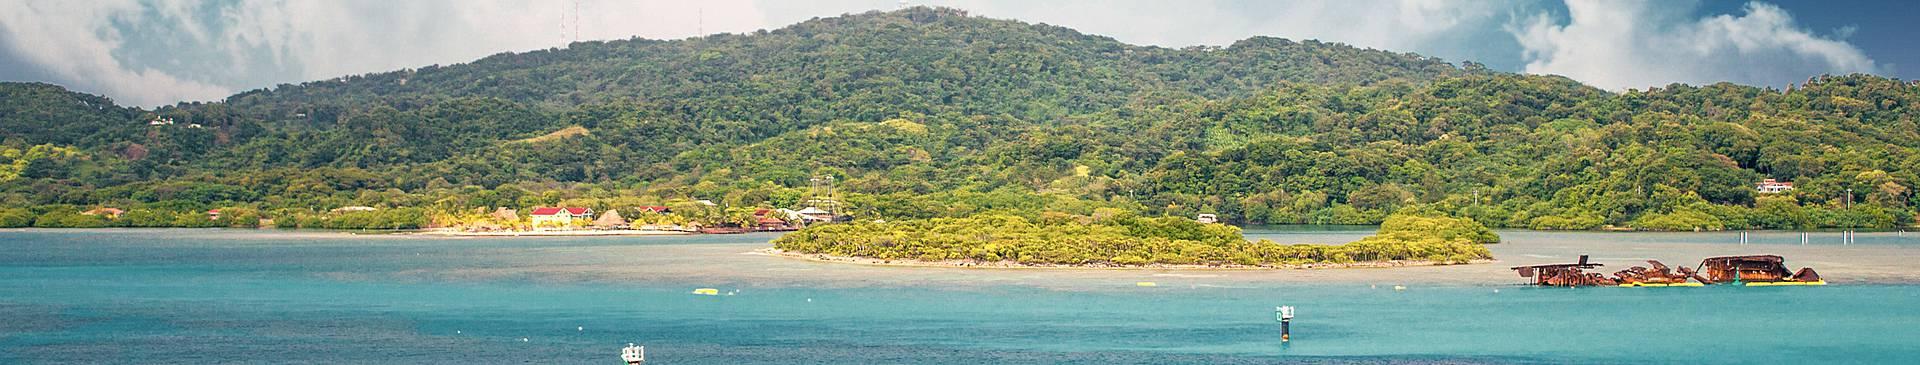 Découverte des îles du Honduras